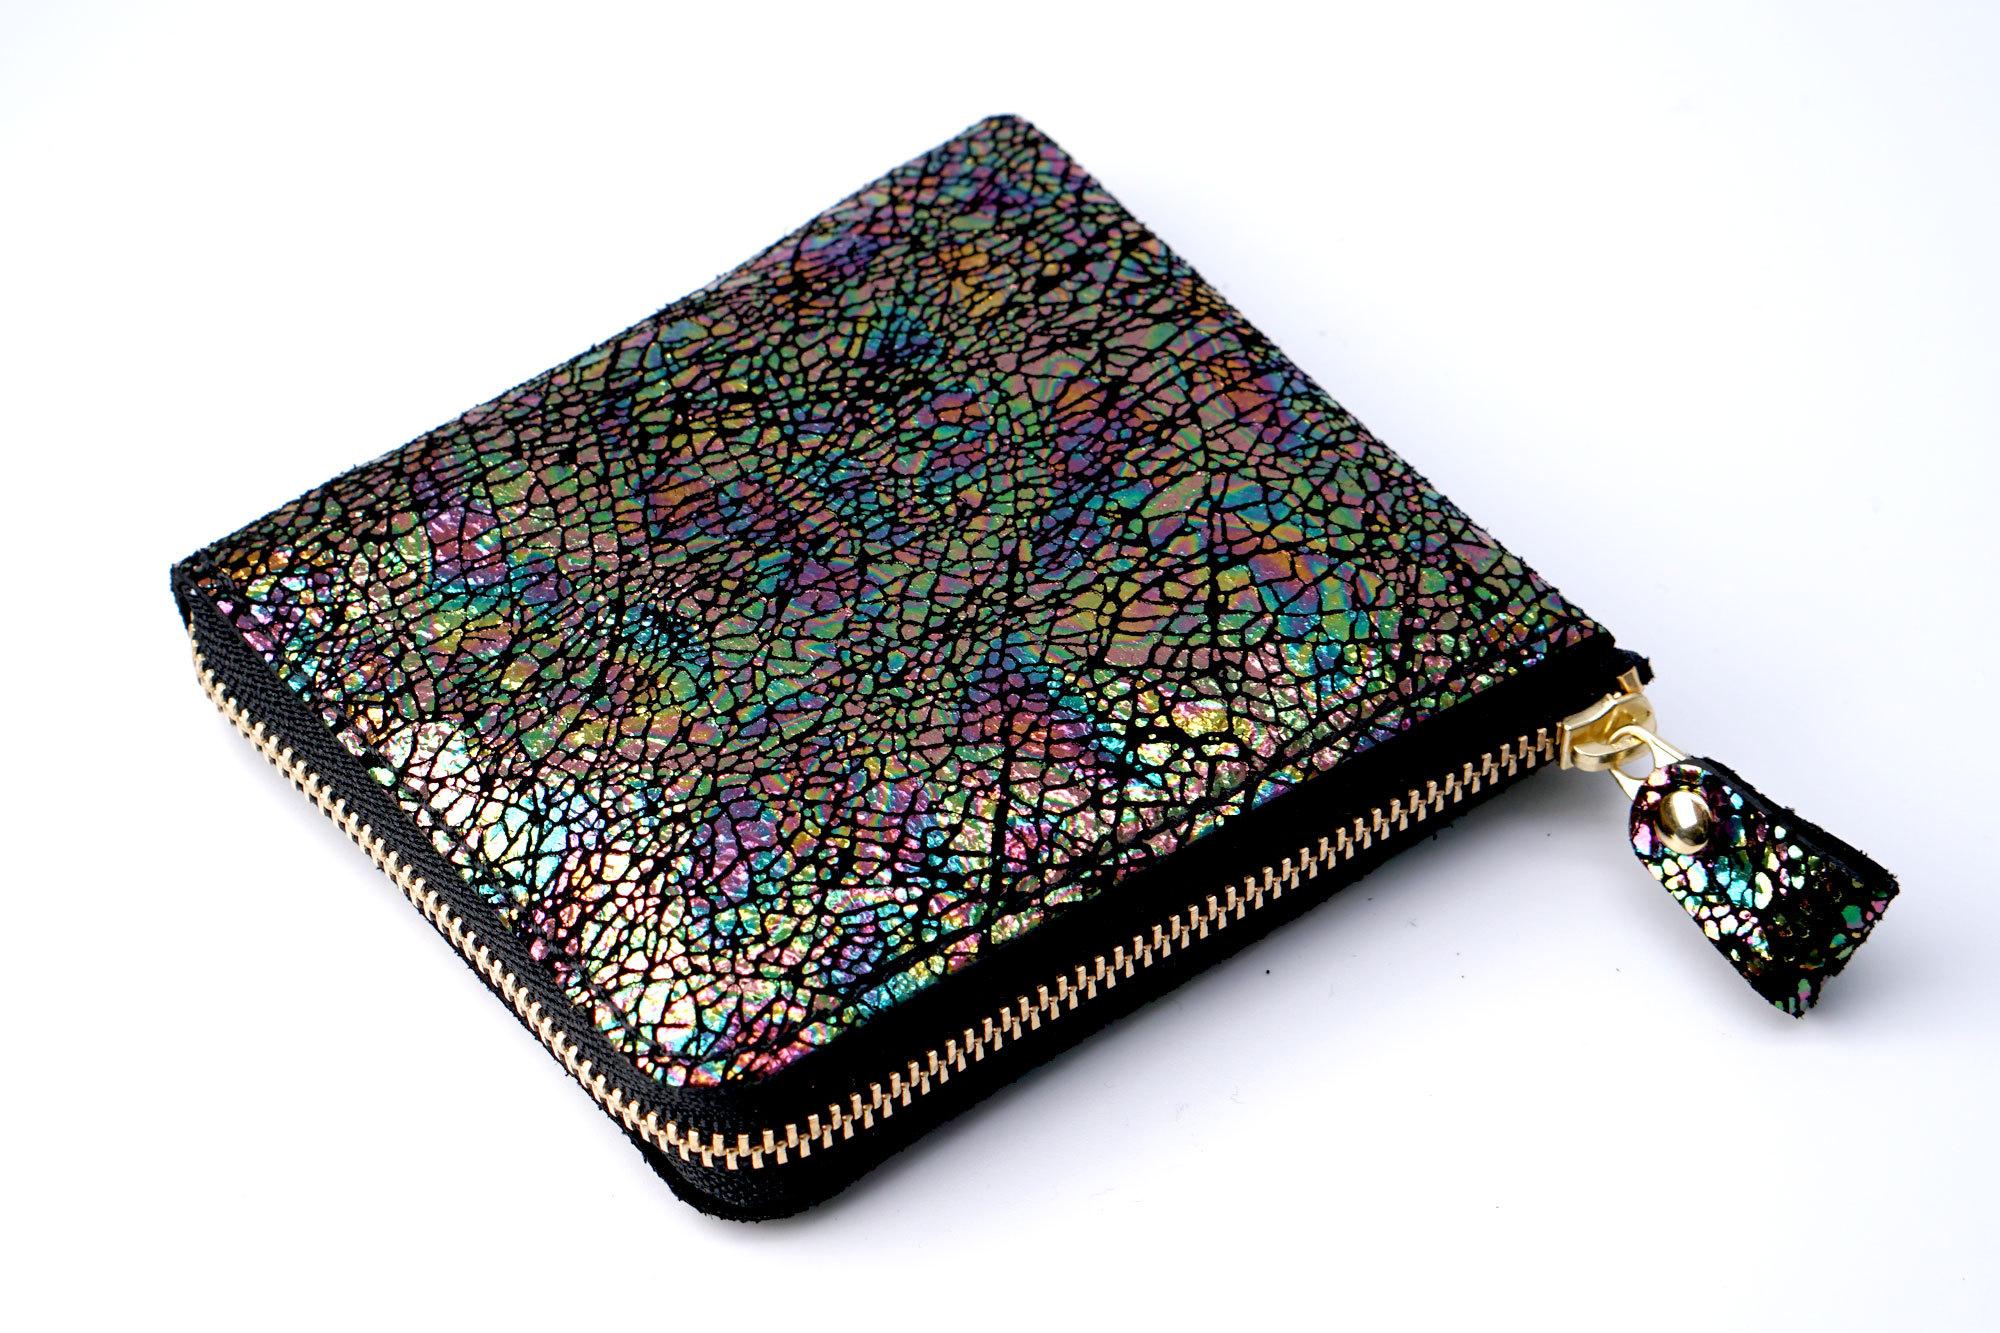 薄型!L字ファスナーミニ財布(ブラック・レインボー箔)